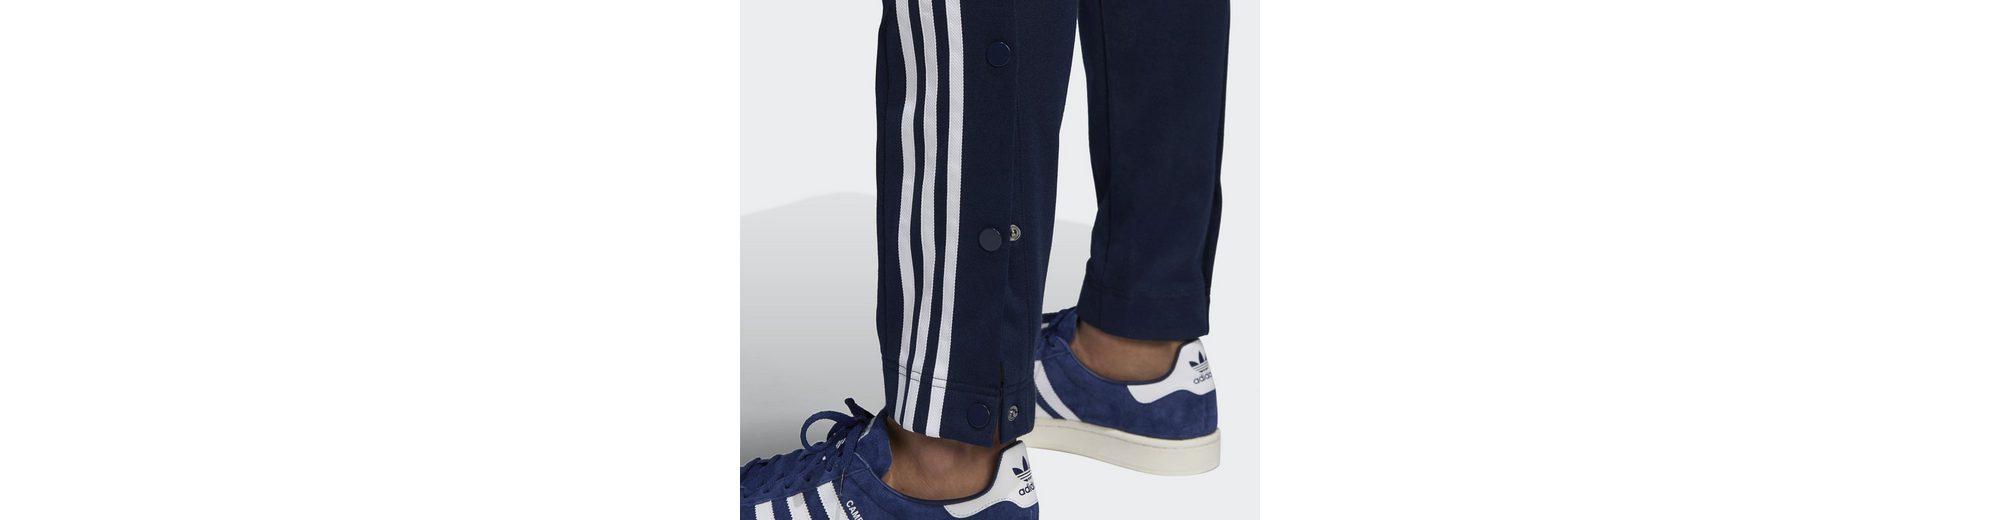 Neuesten Kollektionen Zu Verkaufen Aus Deutschland Verkauf Online adidas Originals Trainingshose Adibreak Snap Hose Amazon Footaction lk6sFSTCt